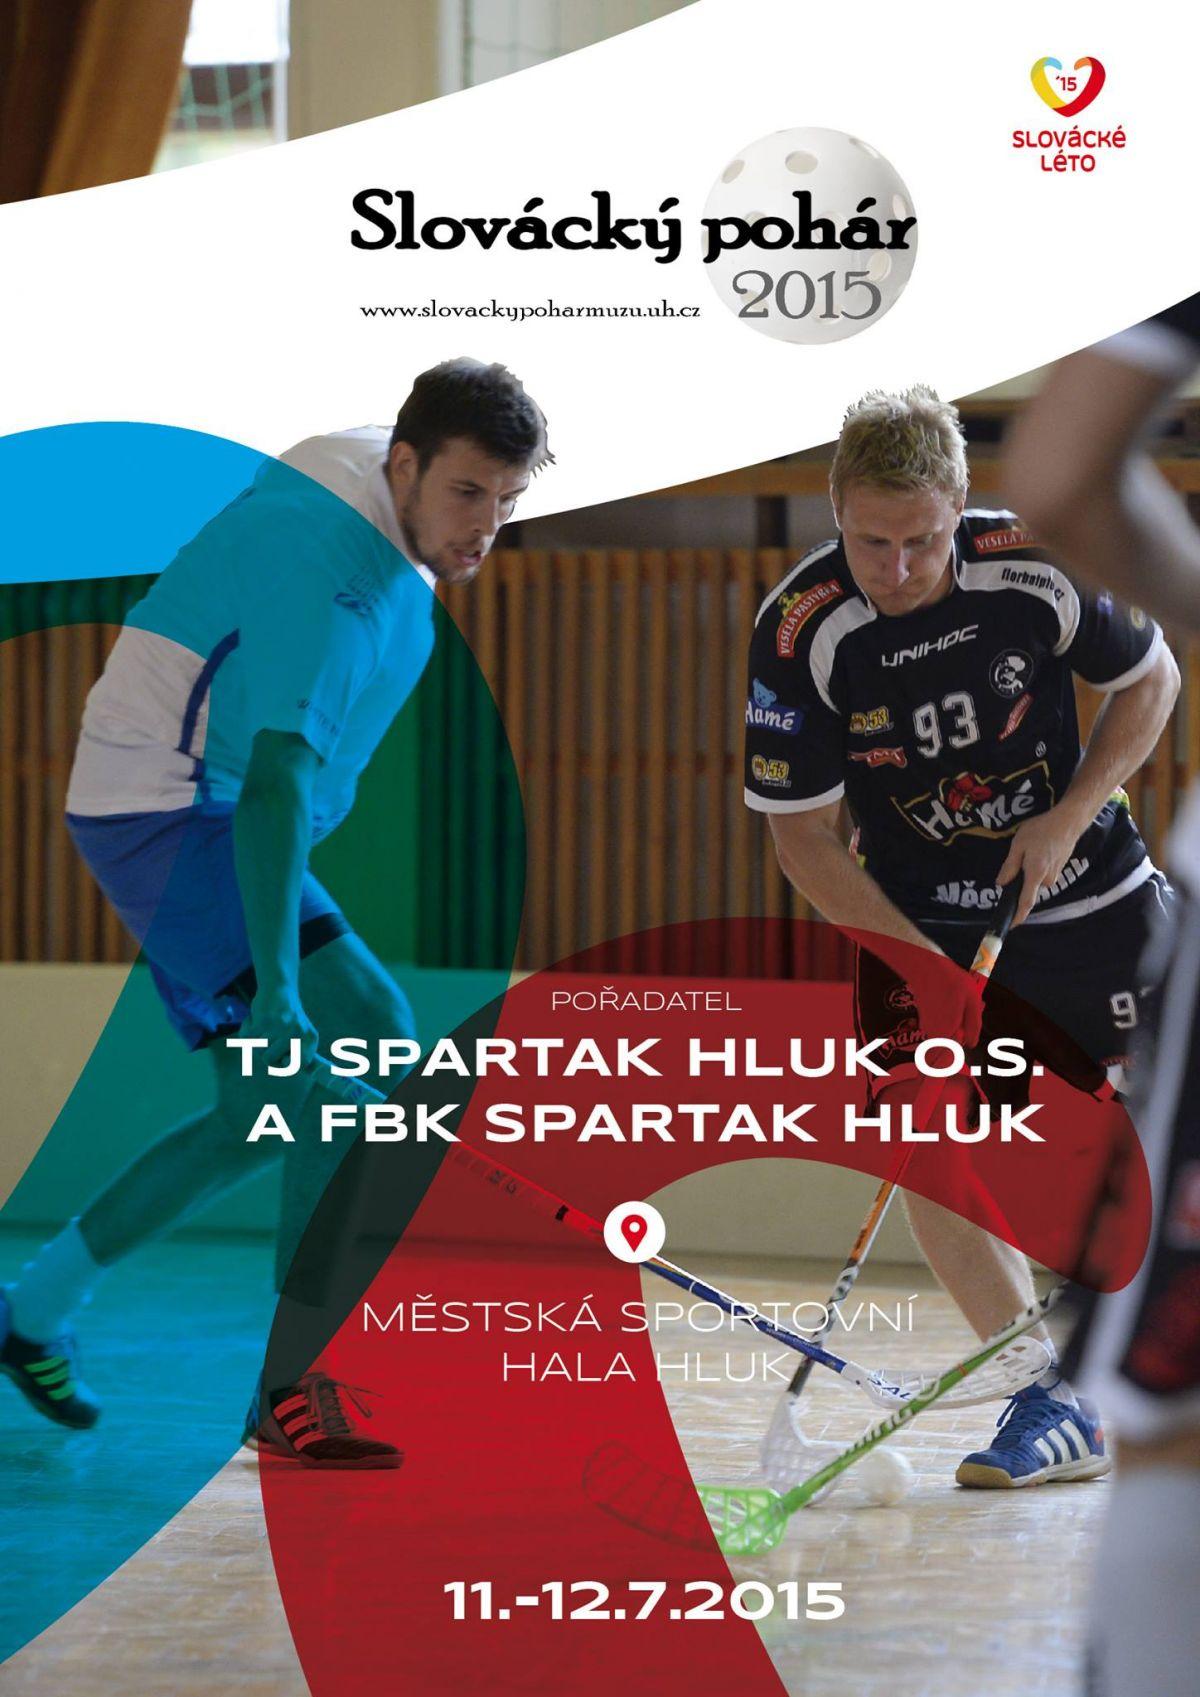 florbal-slovacke-leto-2015